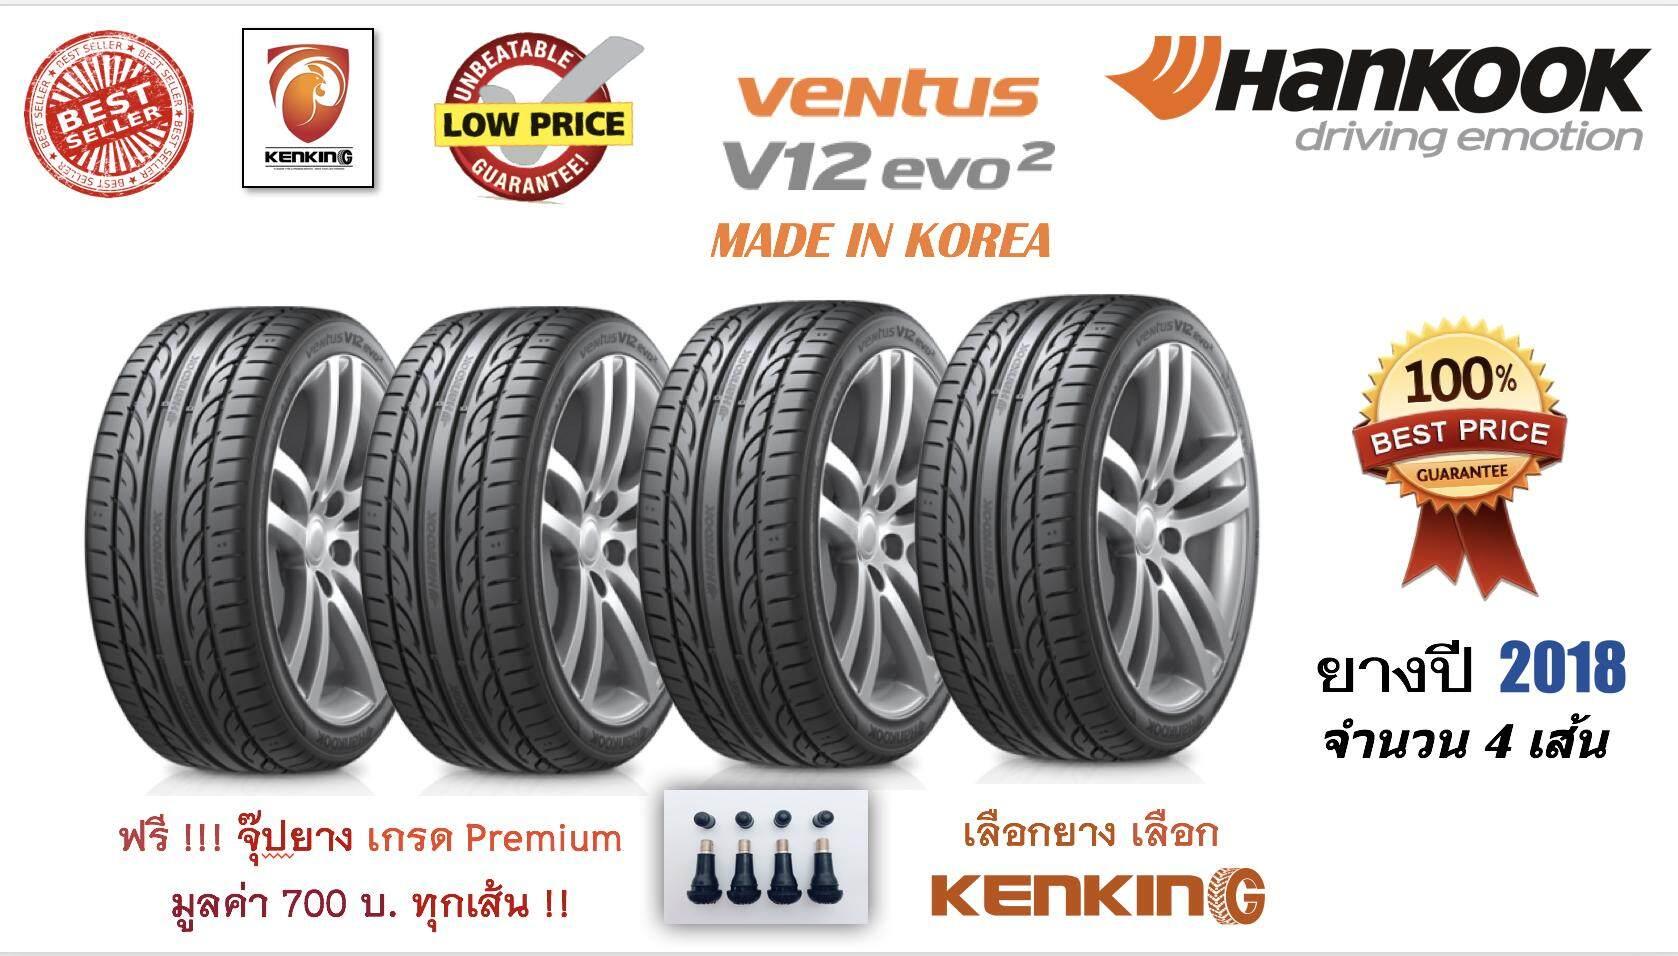 โคราชกรุงเทพมหานคร Hankook ยางรถยนต์ NEW!! 2019 รุ่น V12 EVO2 K120 (สำหรับ 4 เส้น)